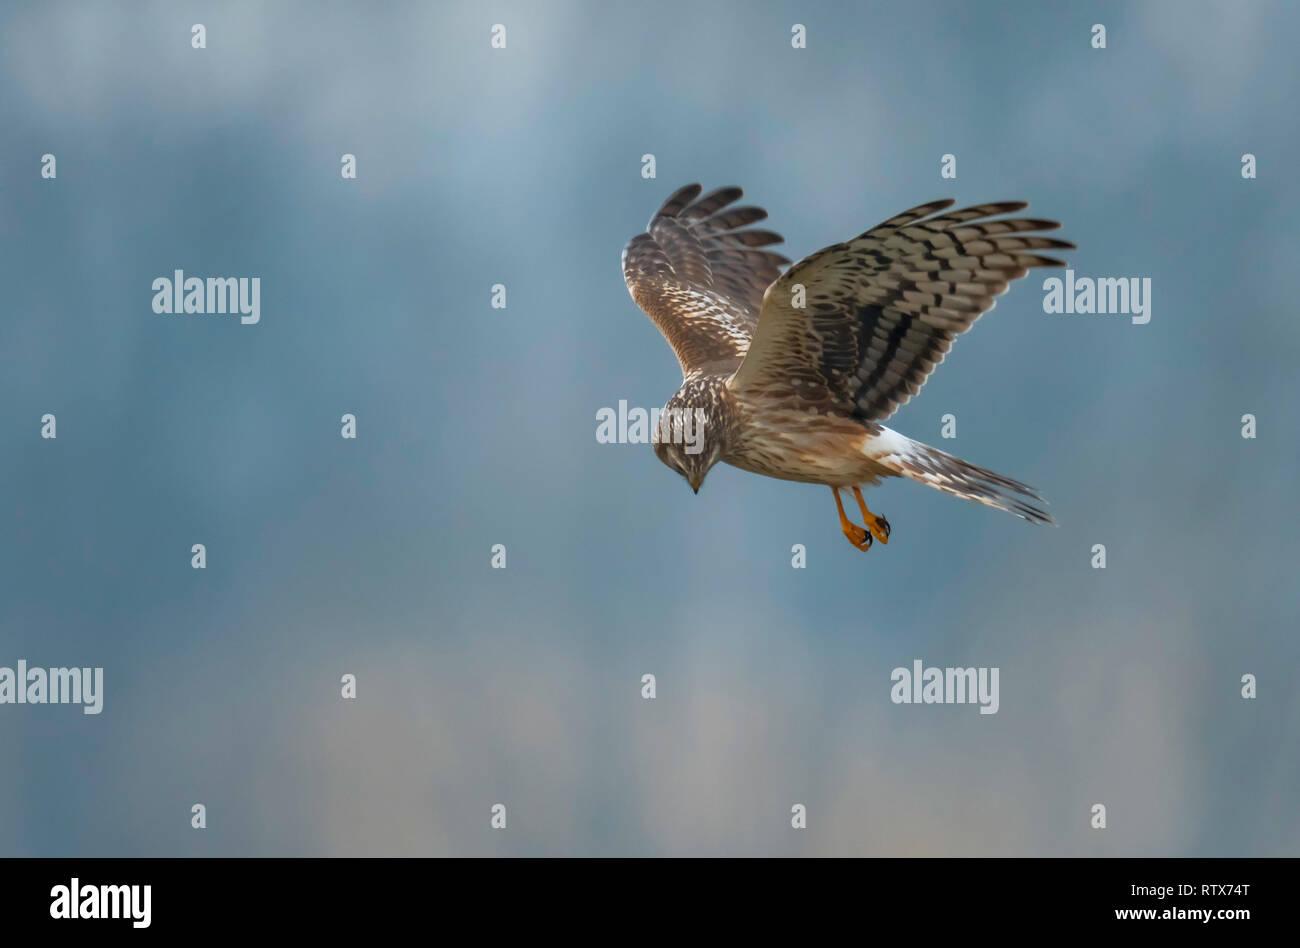 Hen Harrier Stock Photos & Hen Harrier Stock Images - Alamy